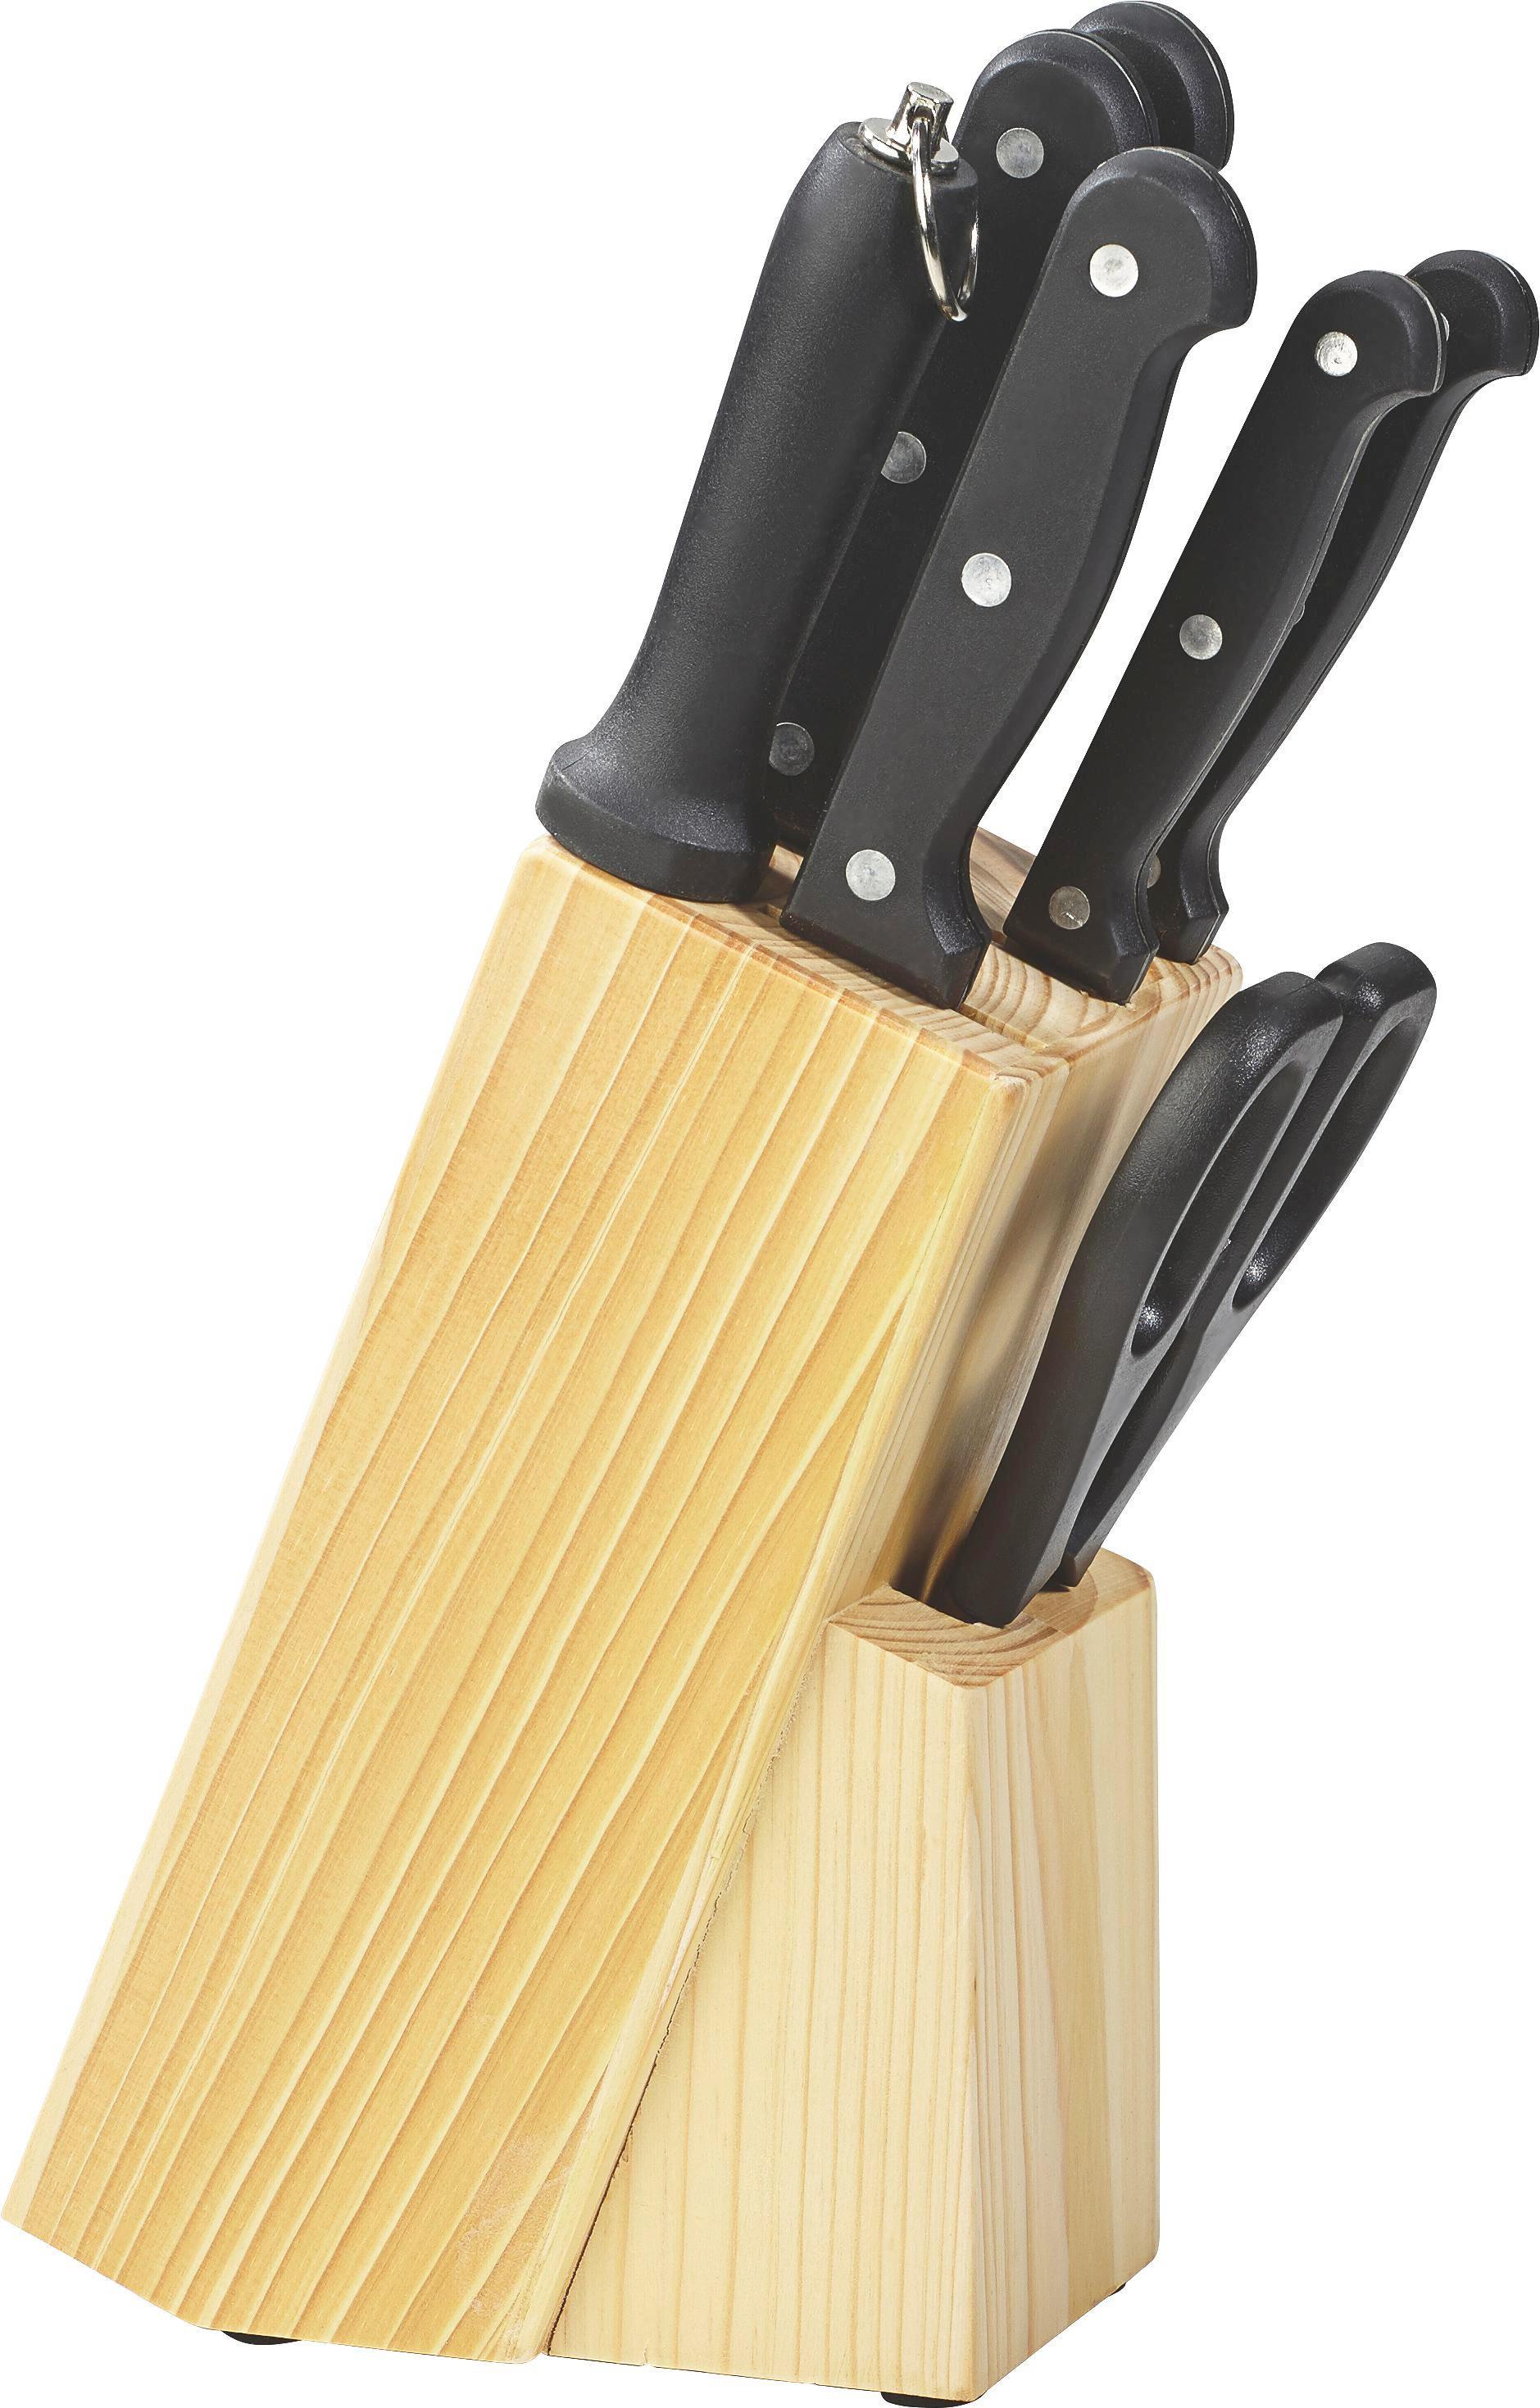 MESSERBLOCK 8-teilig KüchenChef - Silberfarben/Schwarz, KONVENTIONELL, Holz/Metall - JUSTINUS